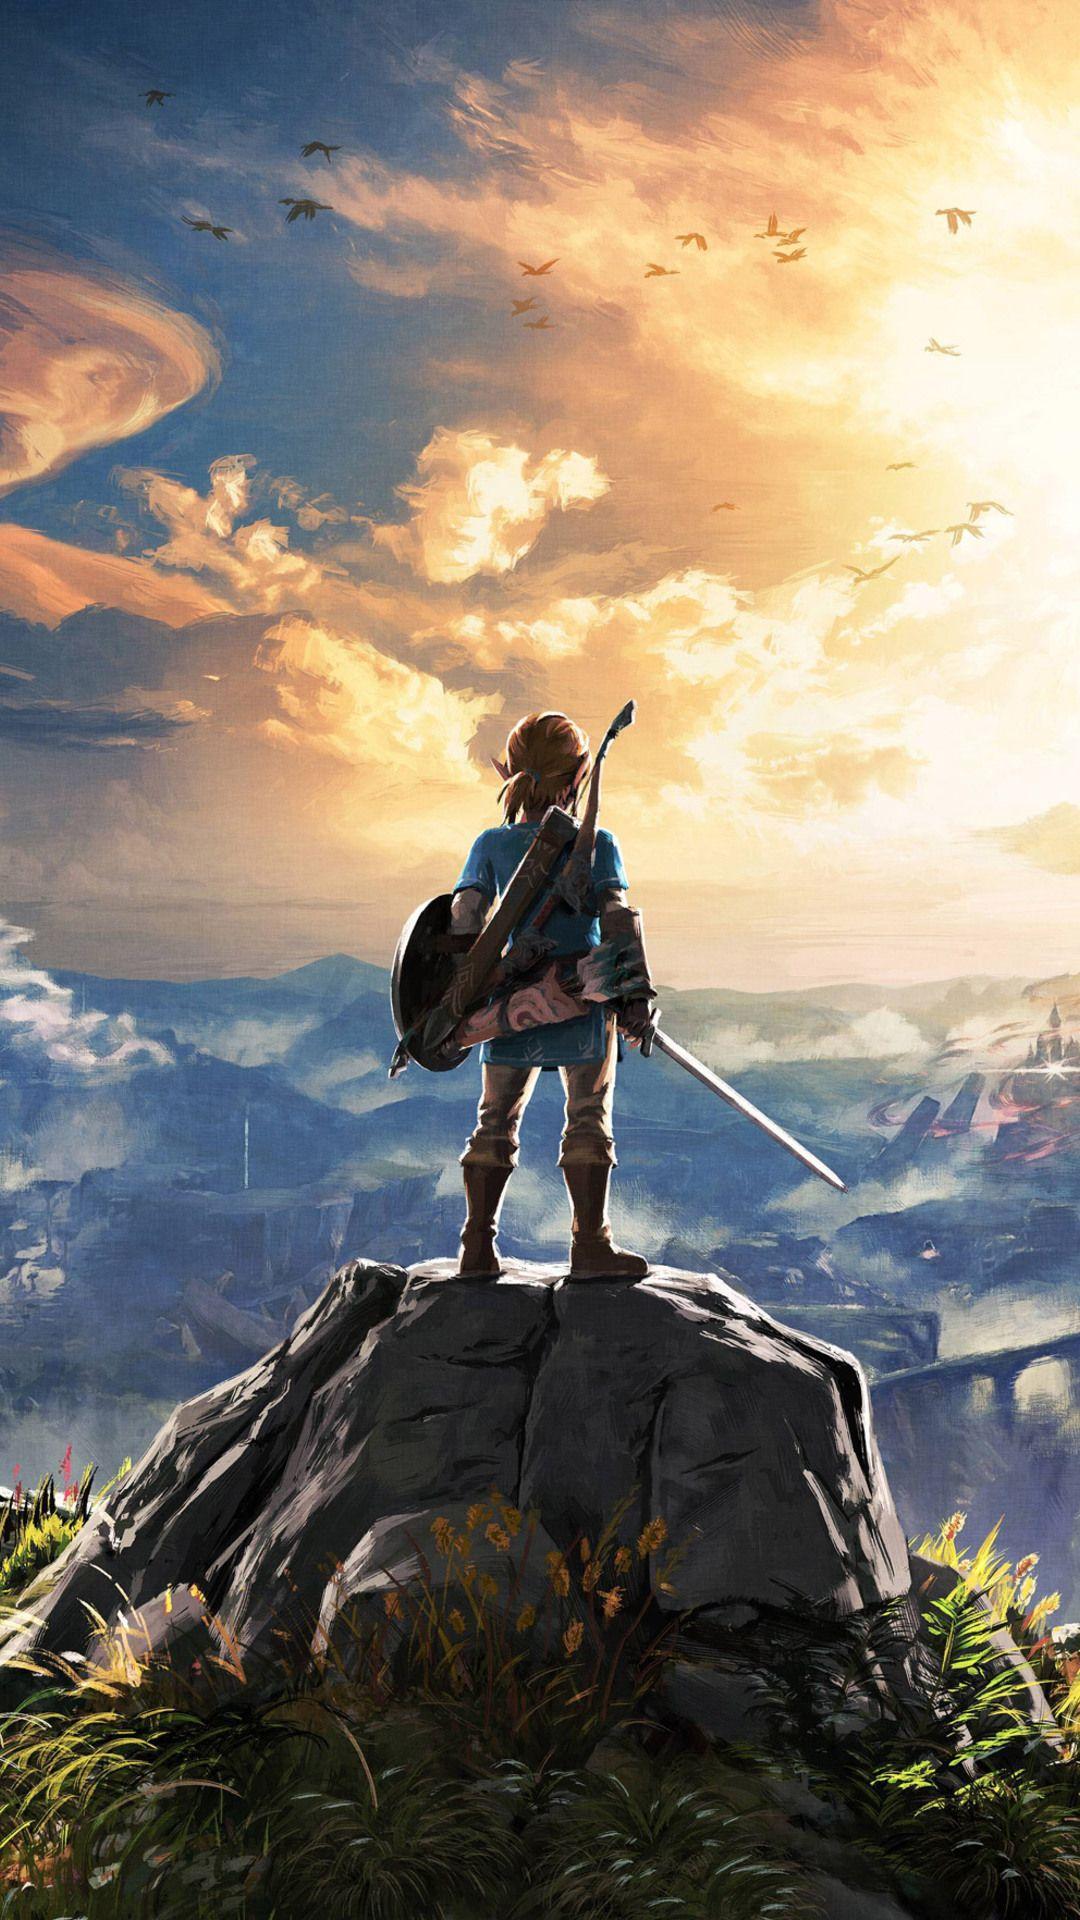 Zelda: Breath Of The Wild Wallpapers - Wallpaper Cave